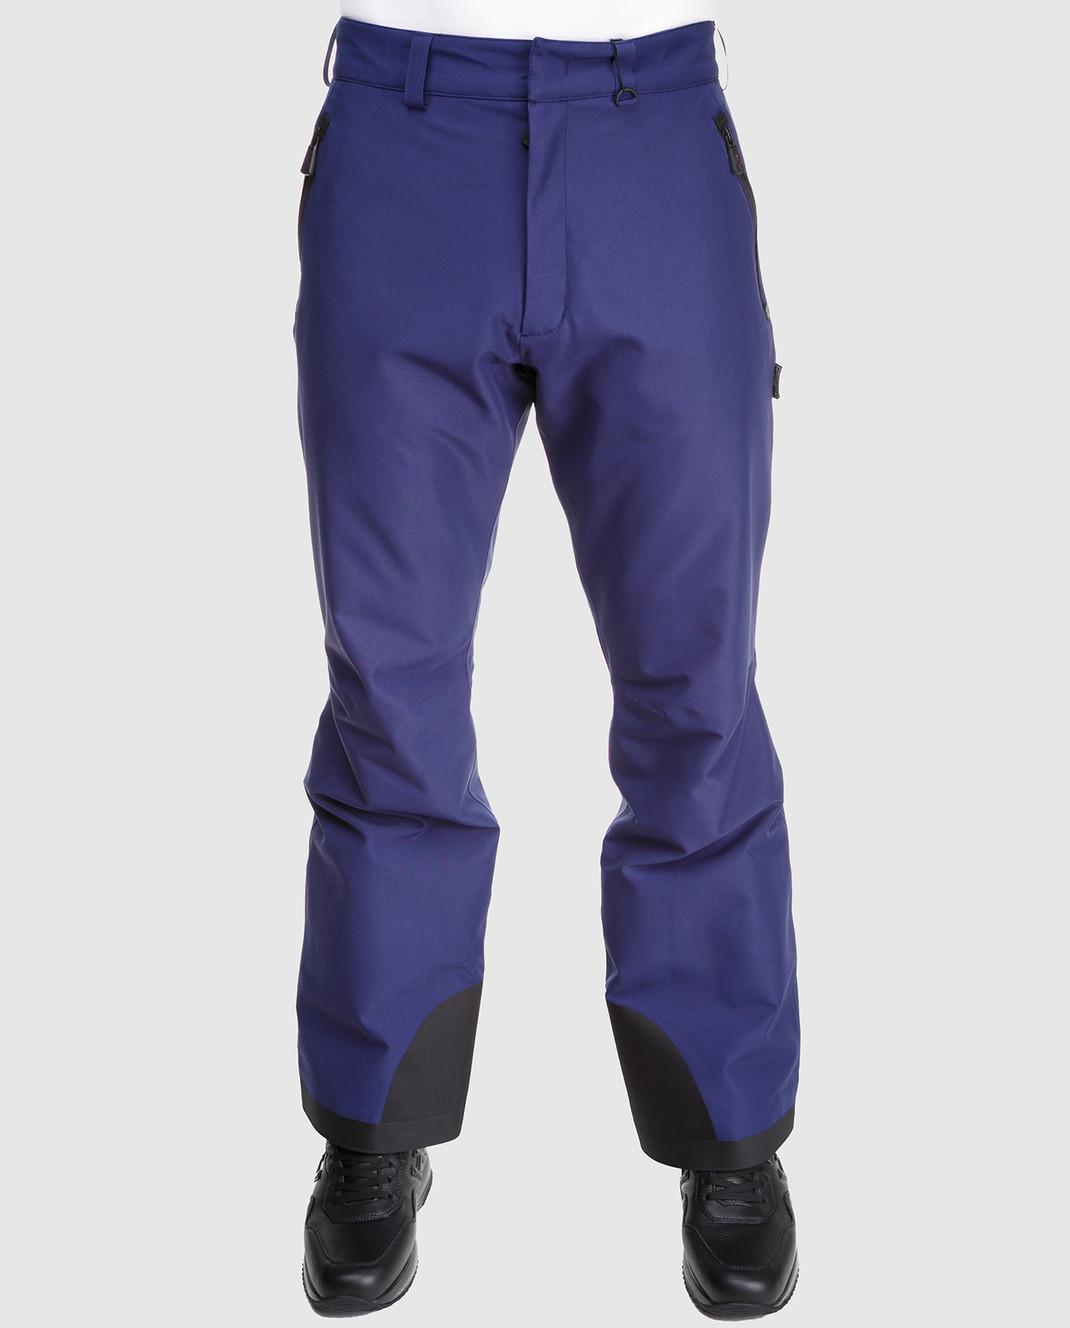 Moncler Grenoble Синие лыжные брюки 11410 изображение 3